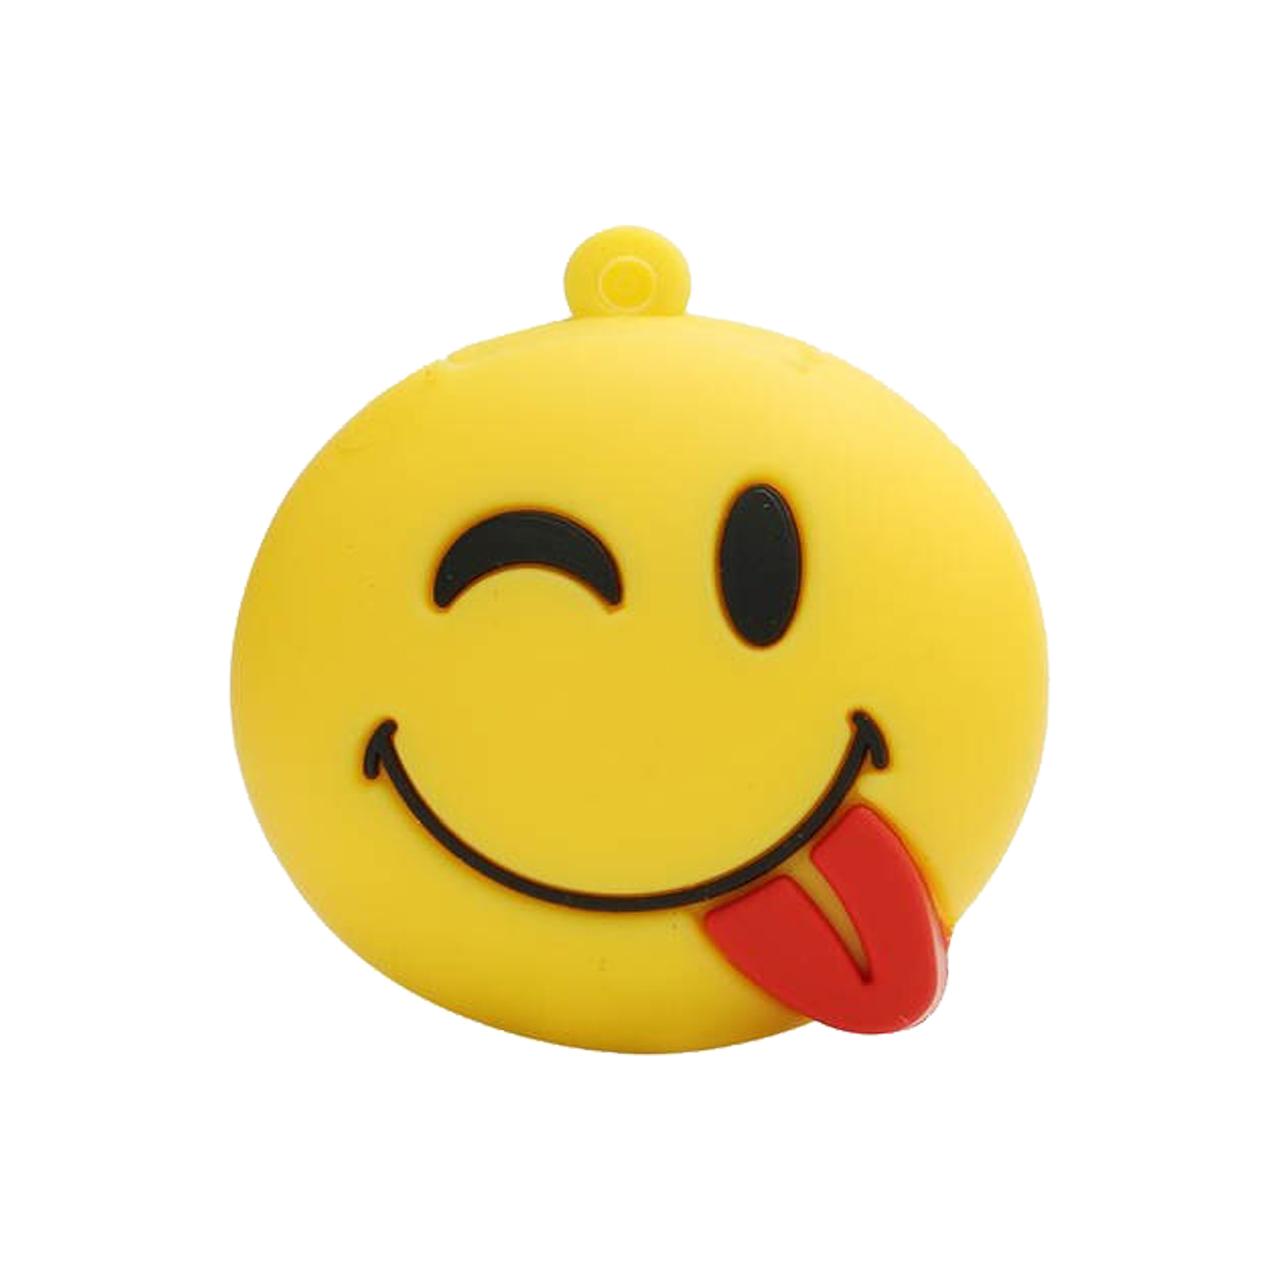 بررسی و {خرید با تخفیف} فلش مموری طرح ایموجی چشمک مدل Ul-Emoji01 ظرفیت 128 گیگابایت اصل